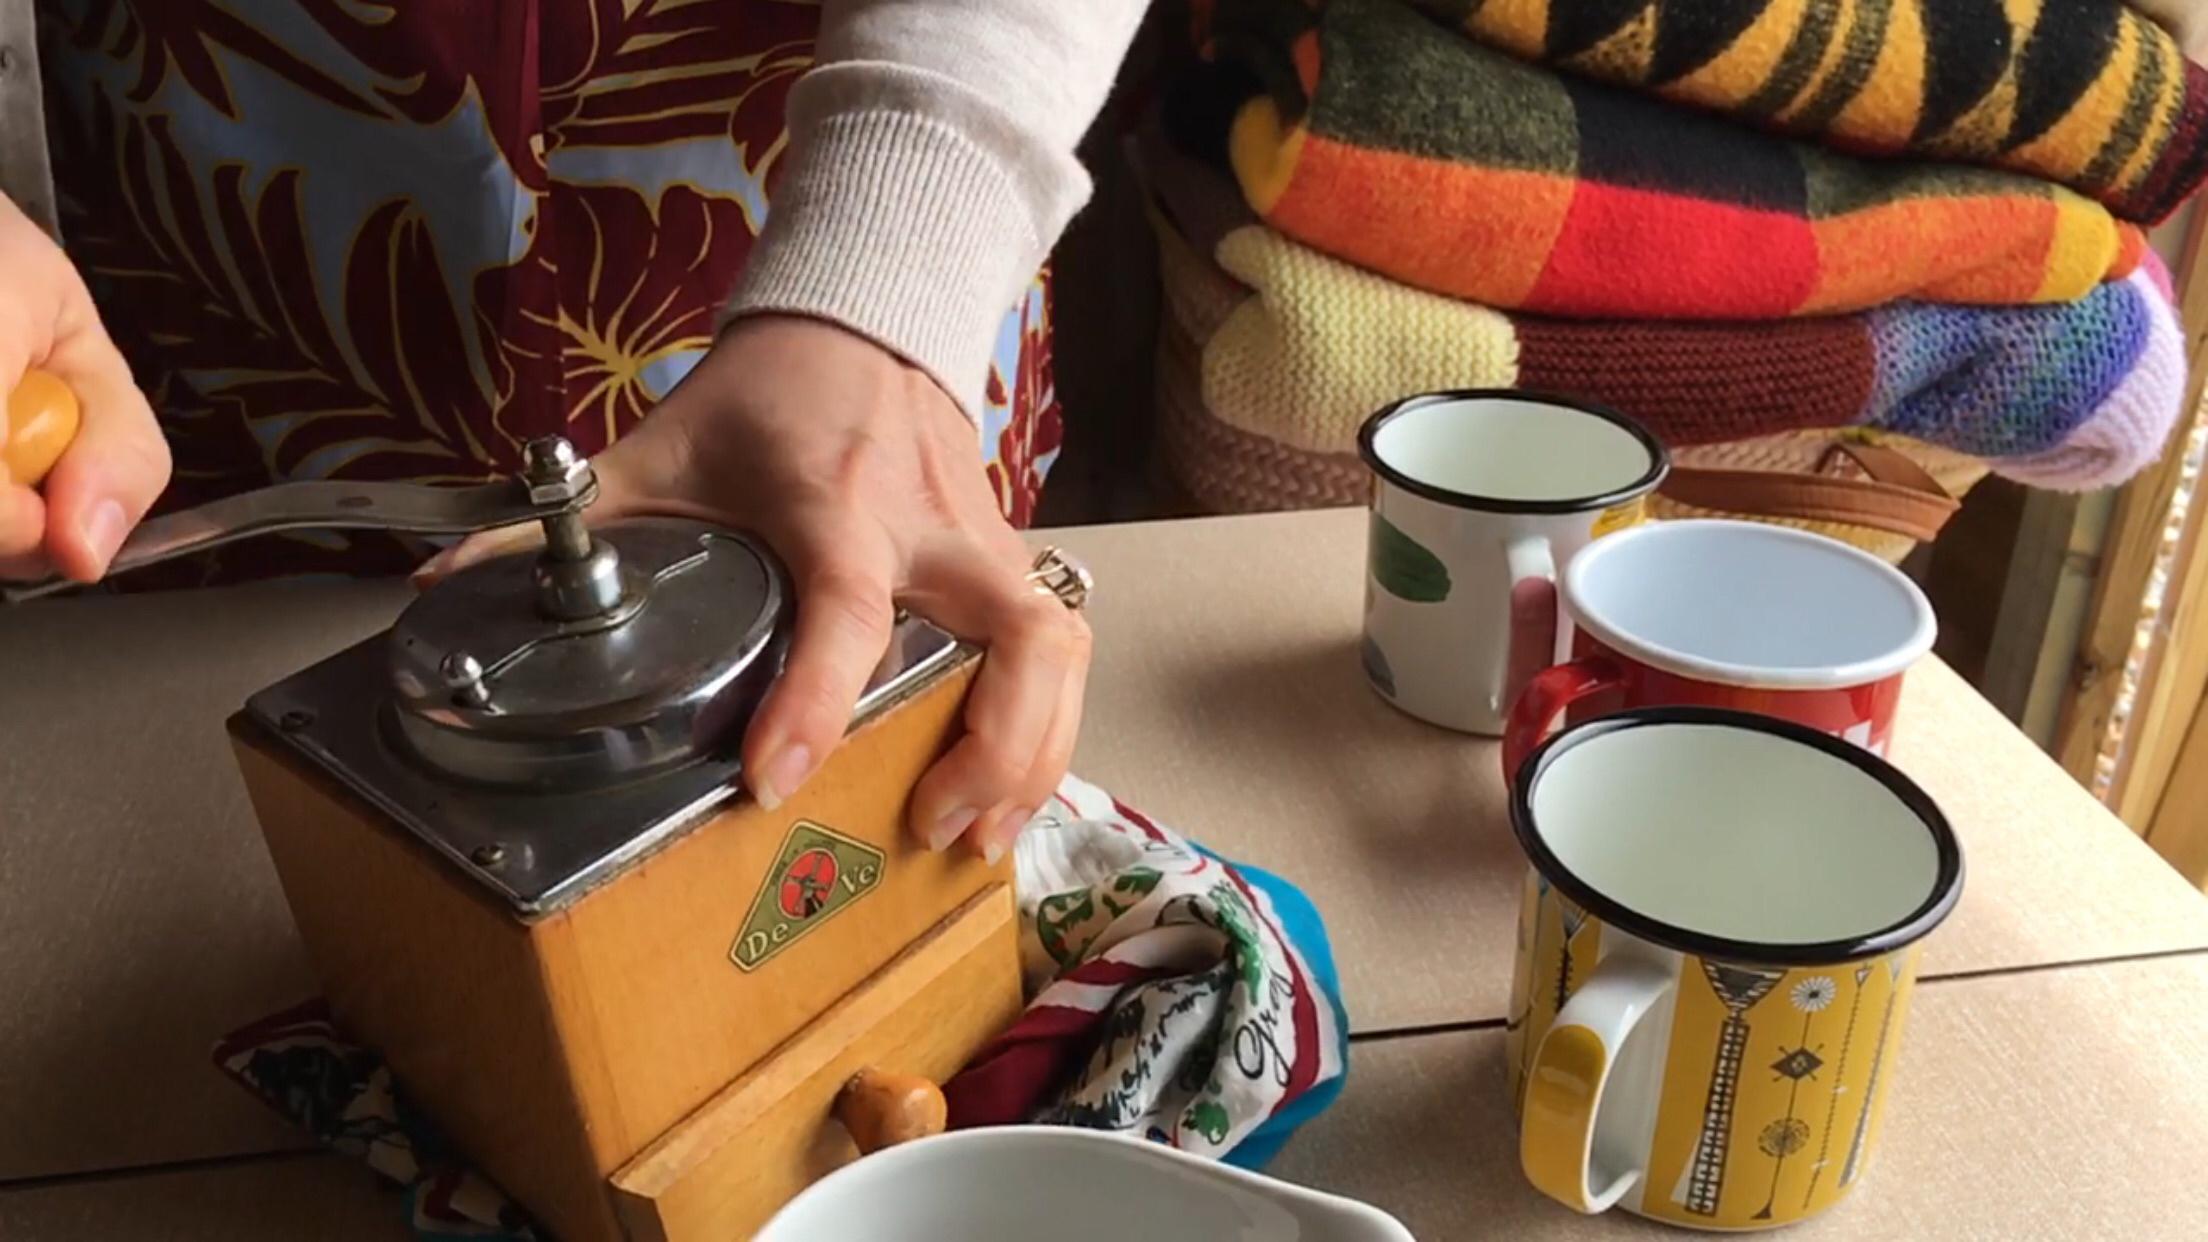 How to make coffee in a Moka maker by beachhutcook